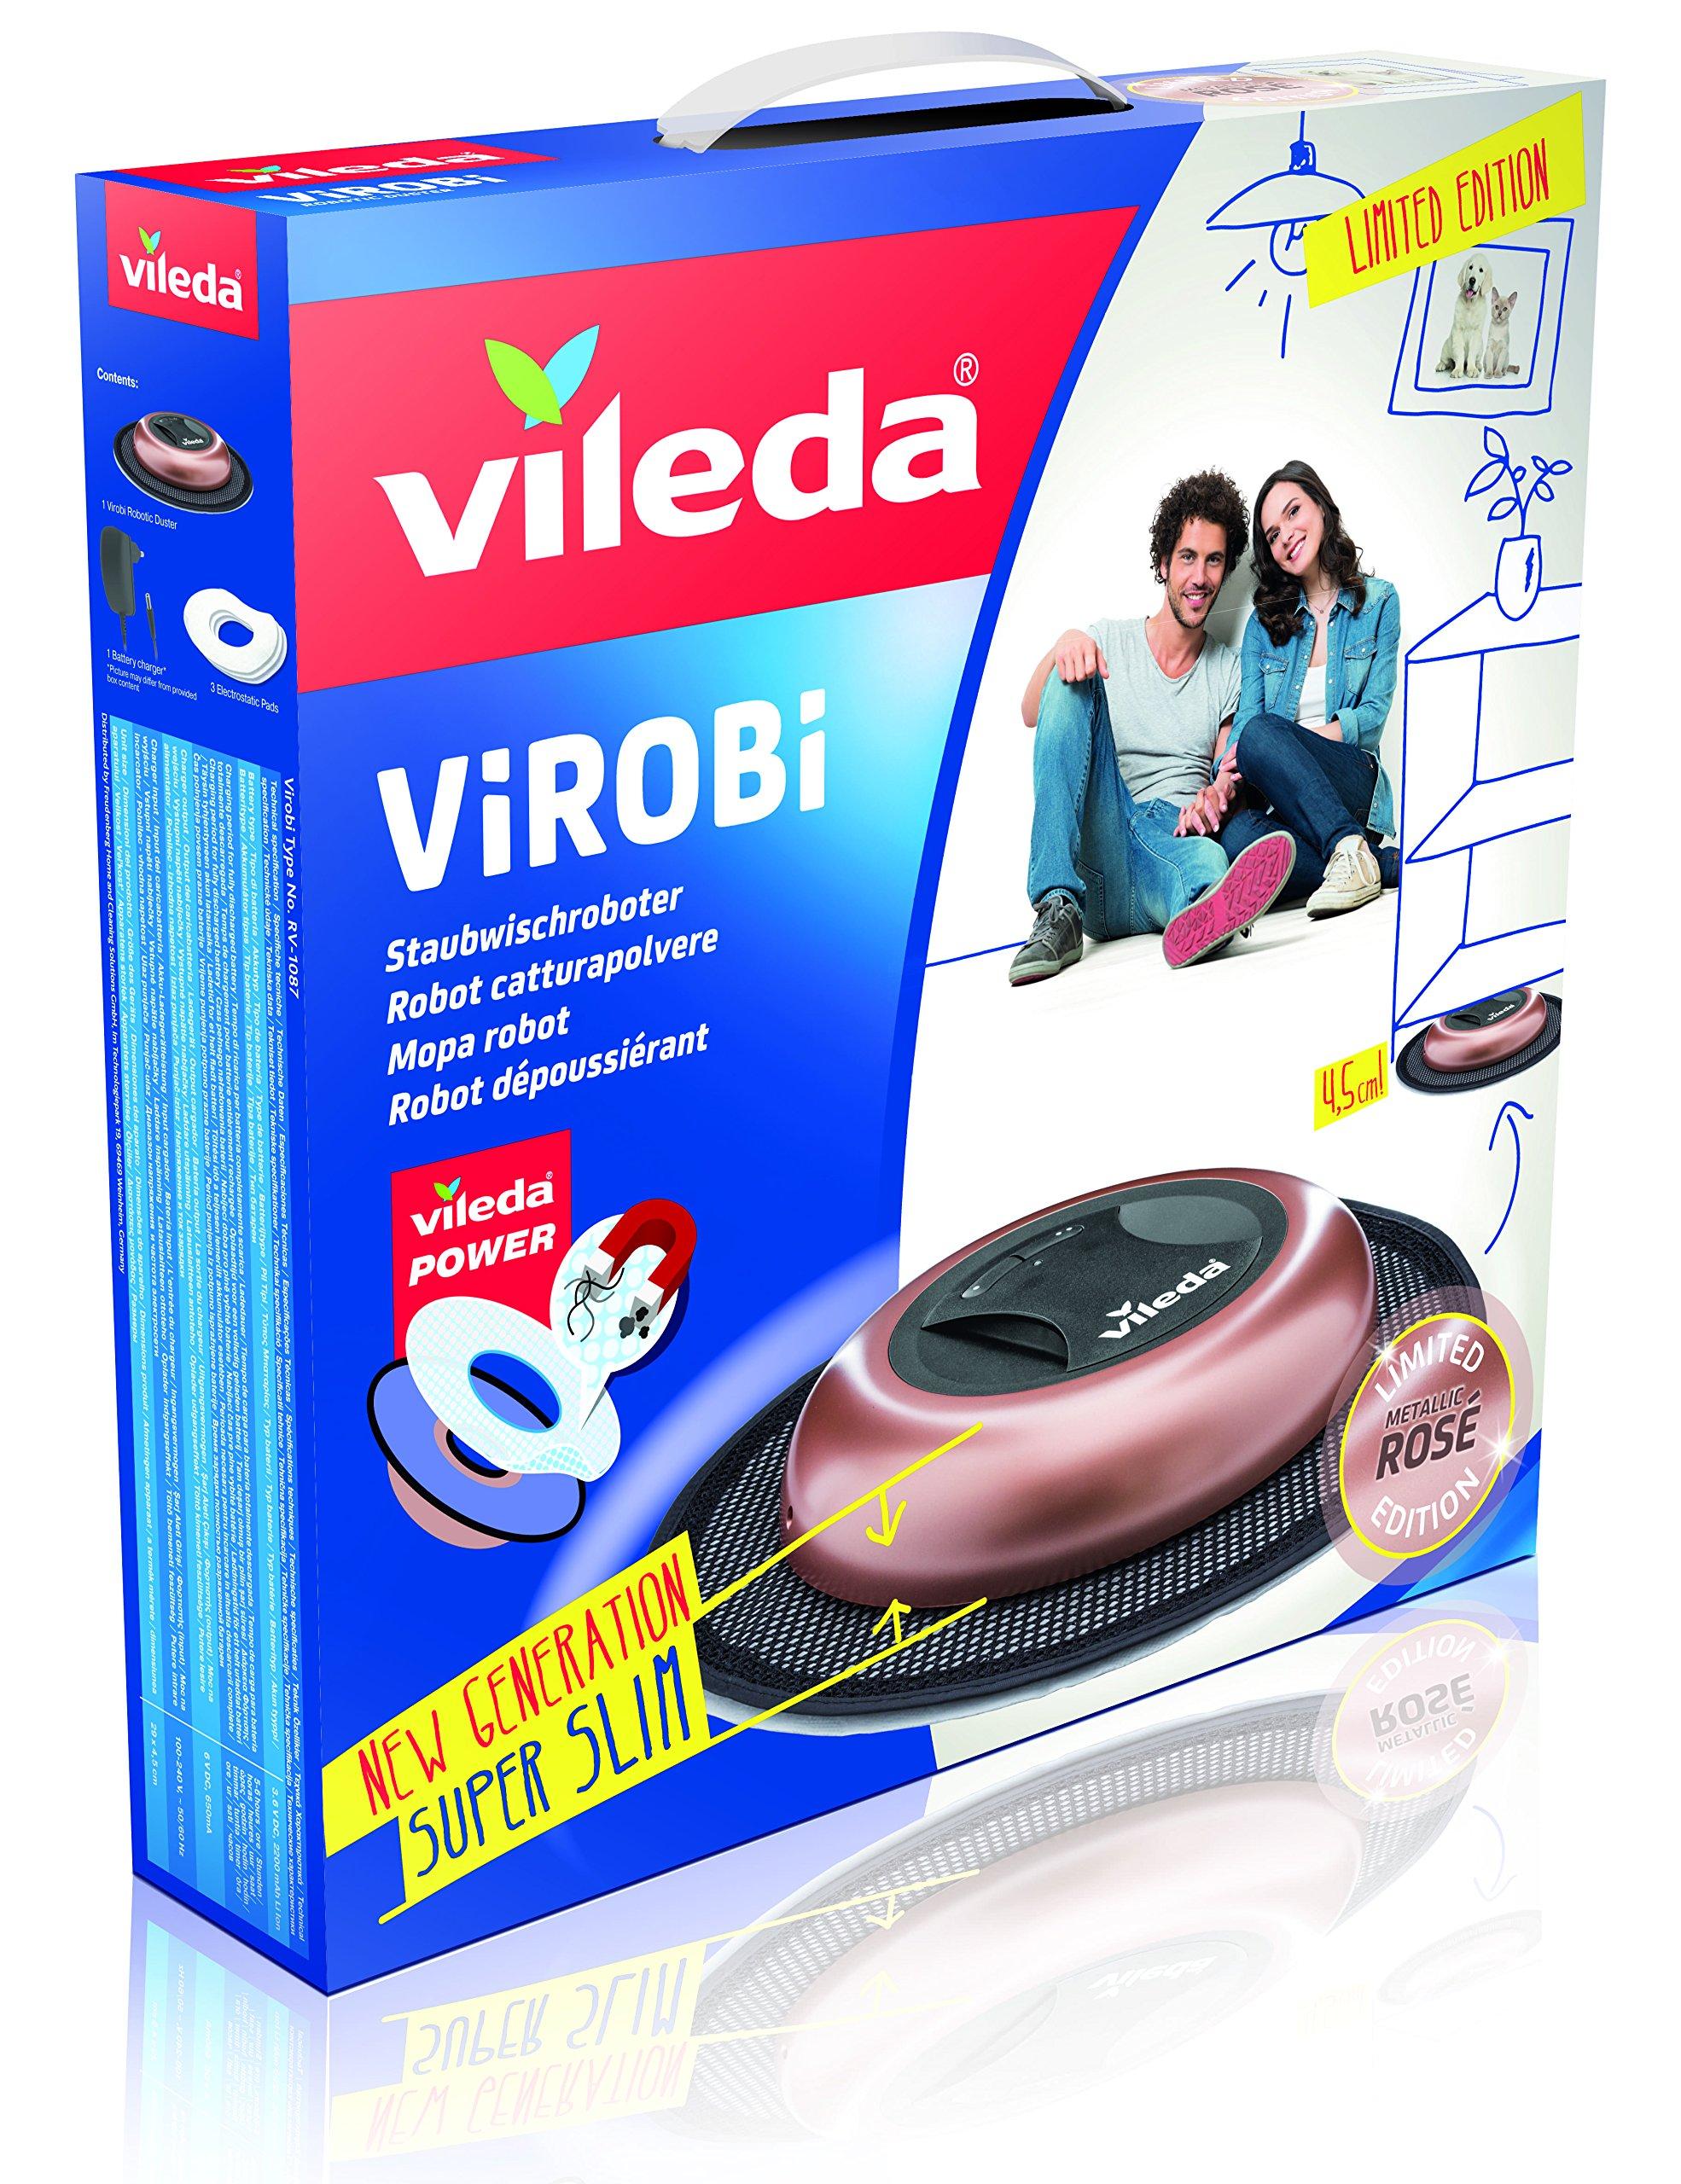 Vileda Virobi Slim - Robot limpiador mopa autónomo, color rose + 136038 Gamuza de Recambio para Robot Limpiador, Pack de 20, Blanco: Amazon.es: Hogar